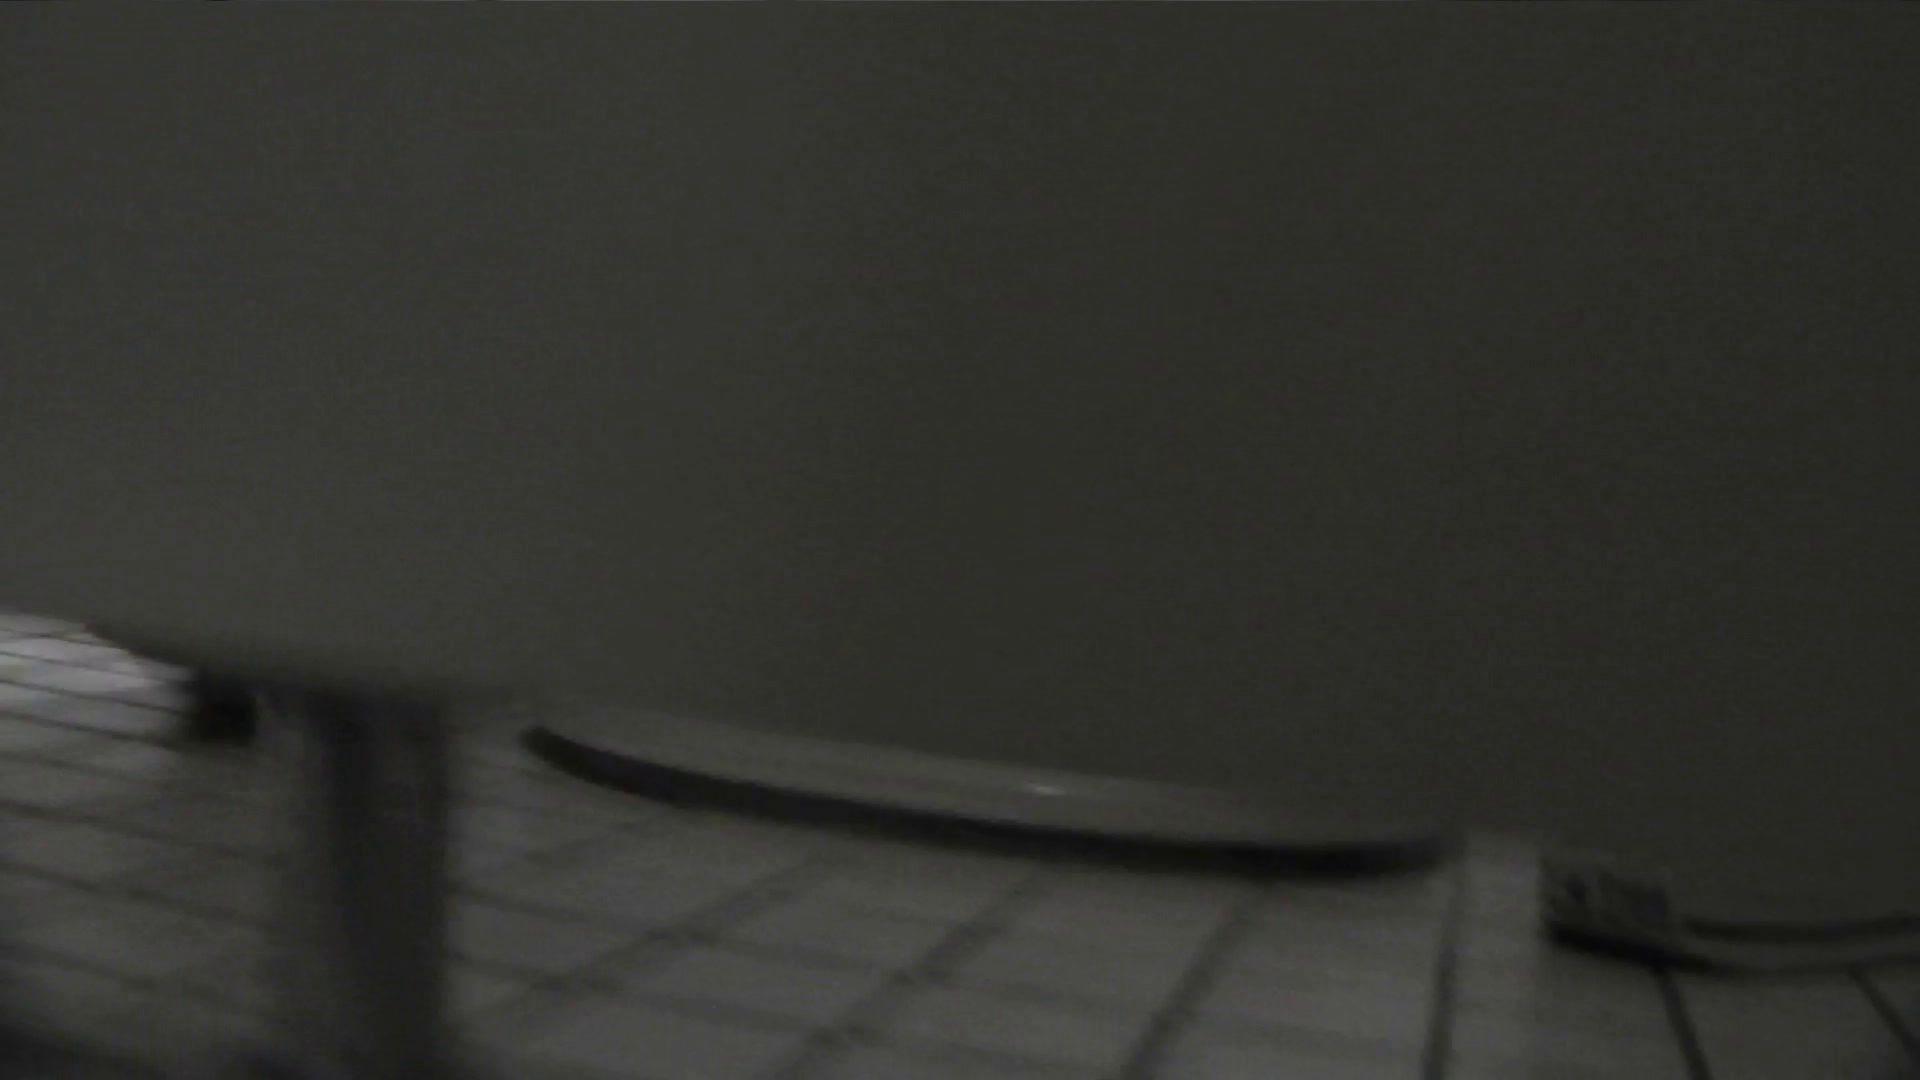 vol.10 命がけ潜伏洗面所! バックからヒクヒク。 プライベート | エロティックなOL  96画像 21